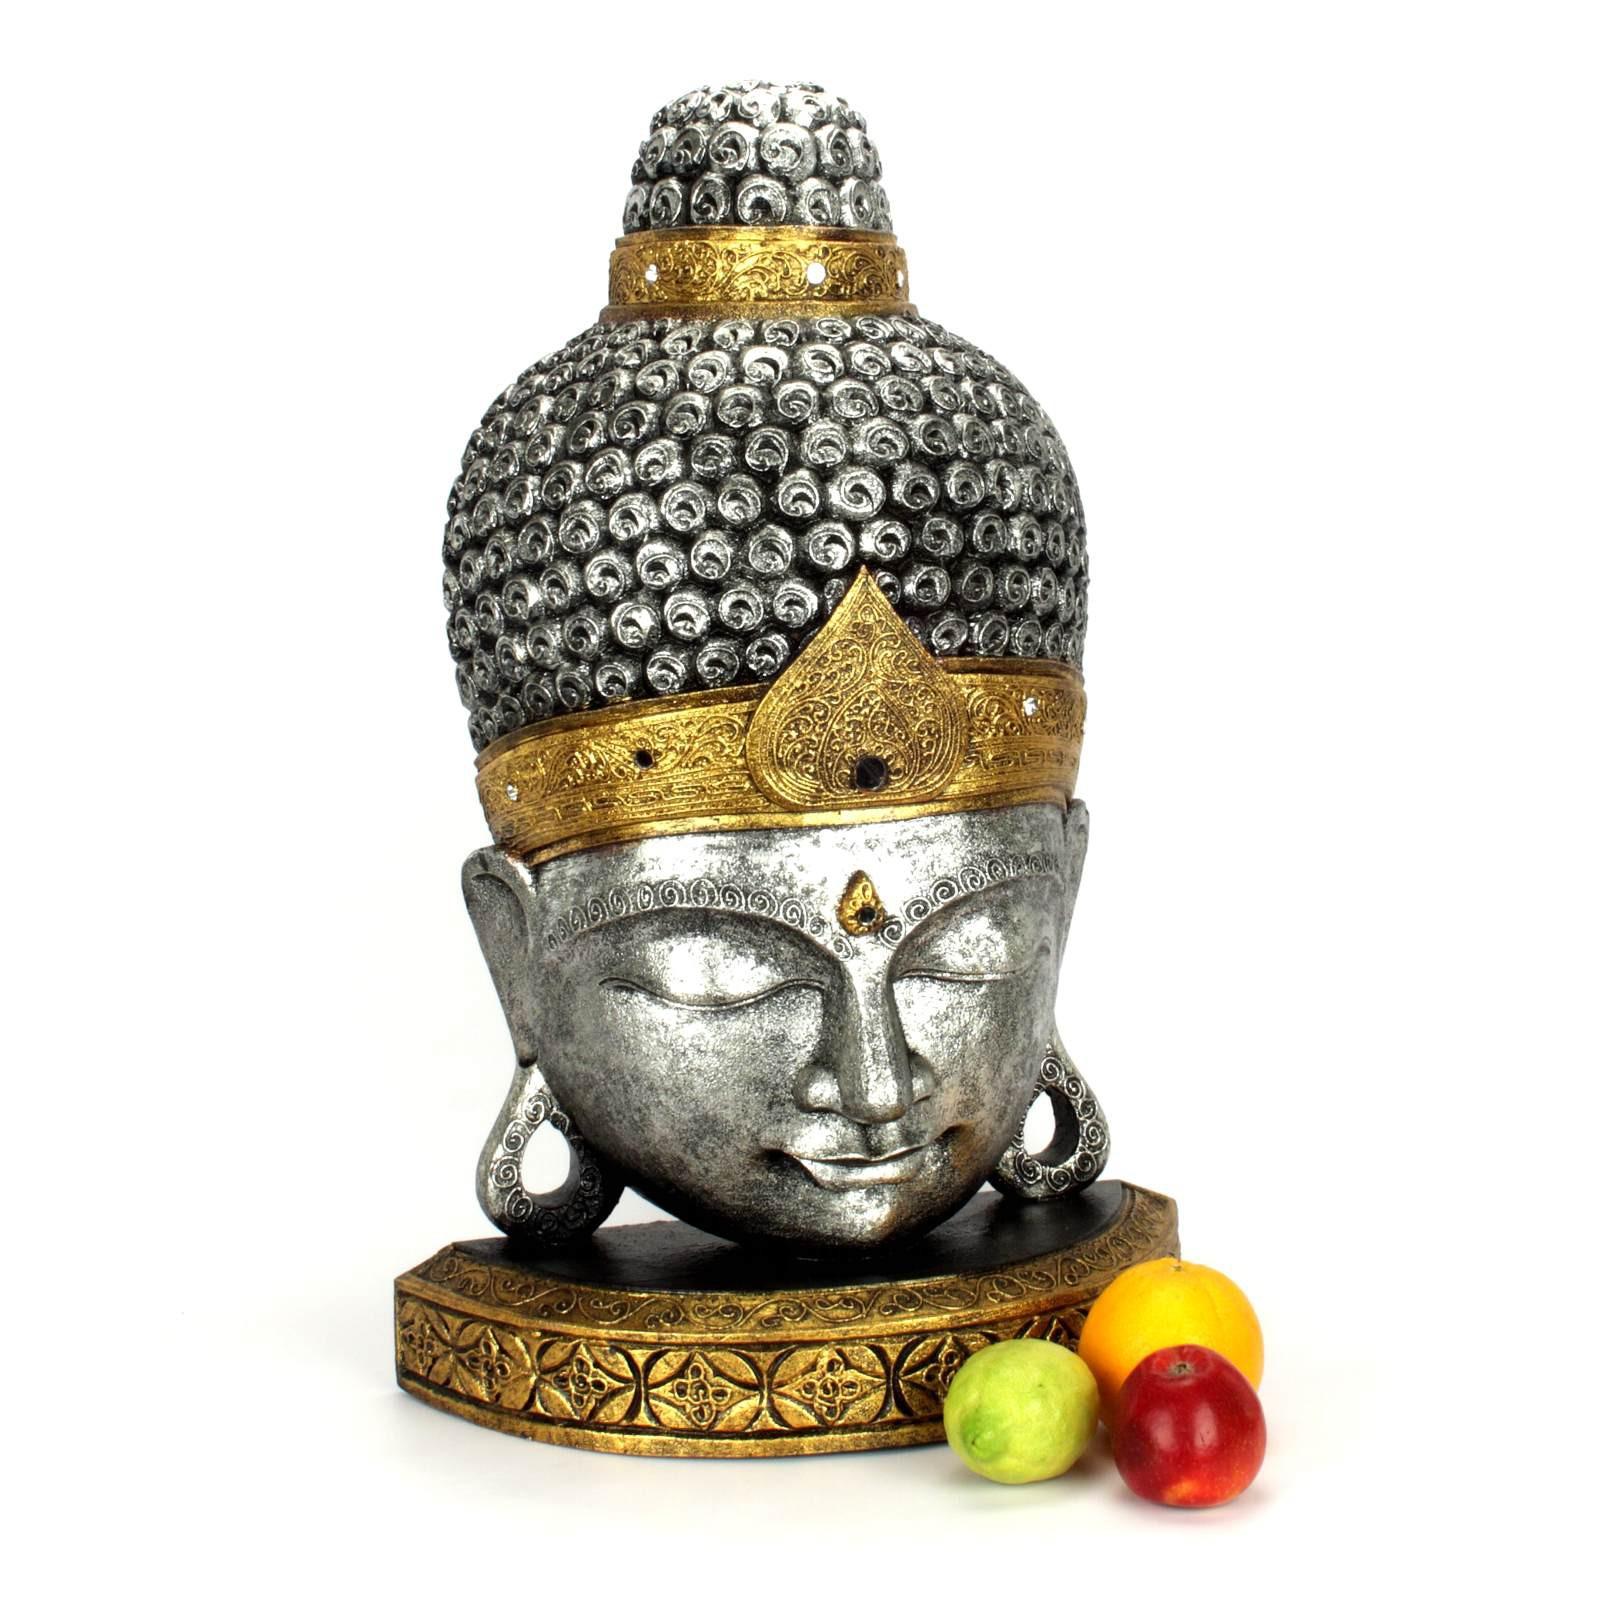 buddha kopf aus holz gr s 70 cm silber gold 118830. Black Bedroom Furniture Sets. Home Design Ideas